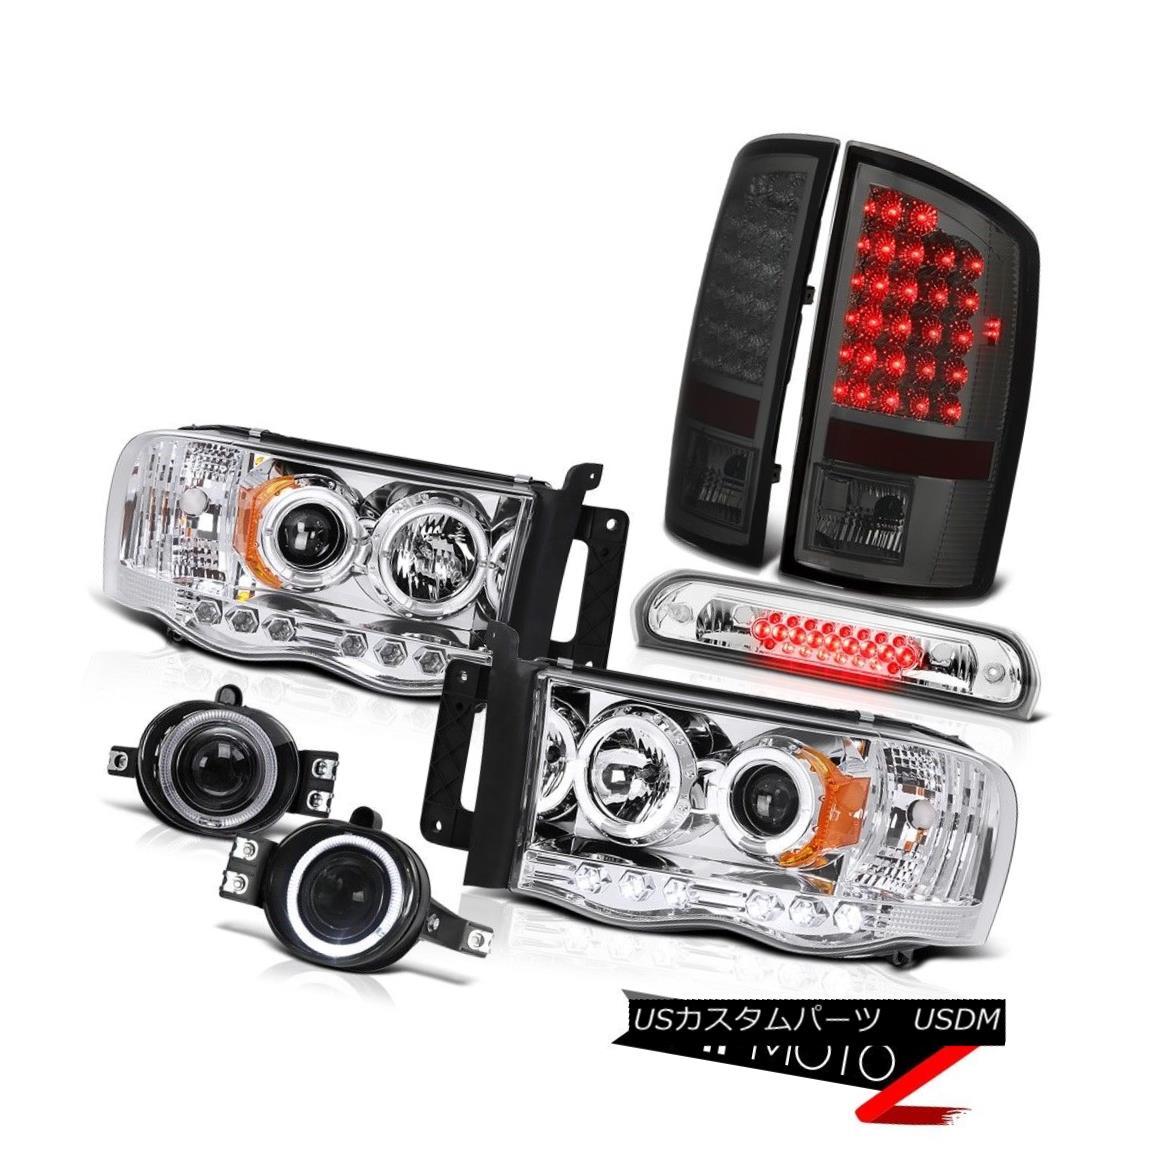 テールライト 2002-2005 Ram WS Halo Rim Headlights LED Brake Lamps Projector Driving Fog High 2002-2005 Ram WS Halo RimヘッドライトLEDブレーキランププロジェクタードライビングフォグハイ